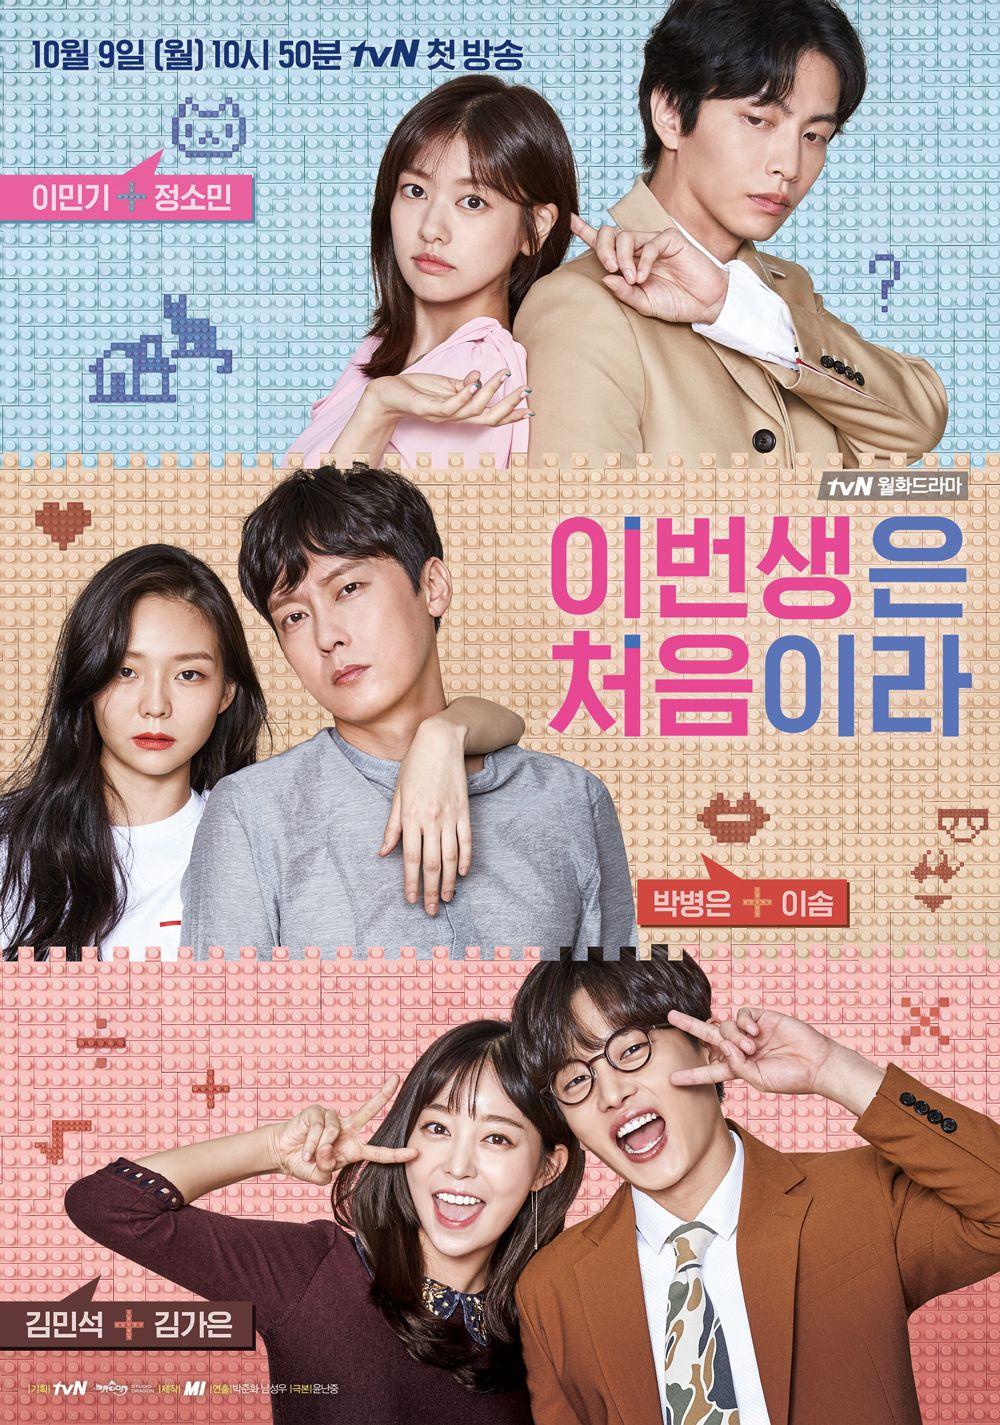 83 Drama Korea Bertema Pernikahan Comedy Romantis Terbaik 2020 Daftar Film Terbaru 2020 Drama Korea Korean Drama Drama